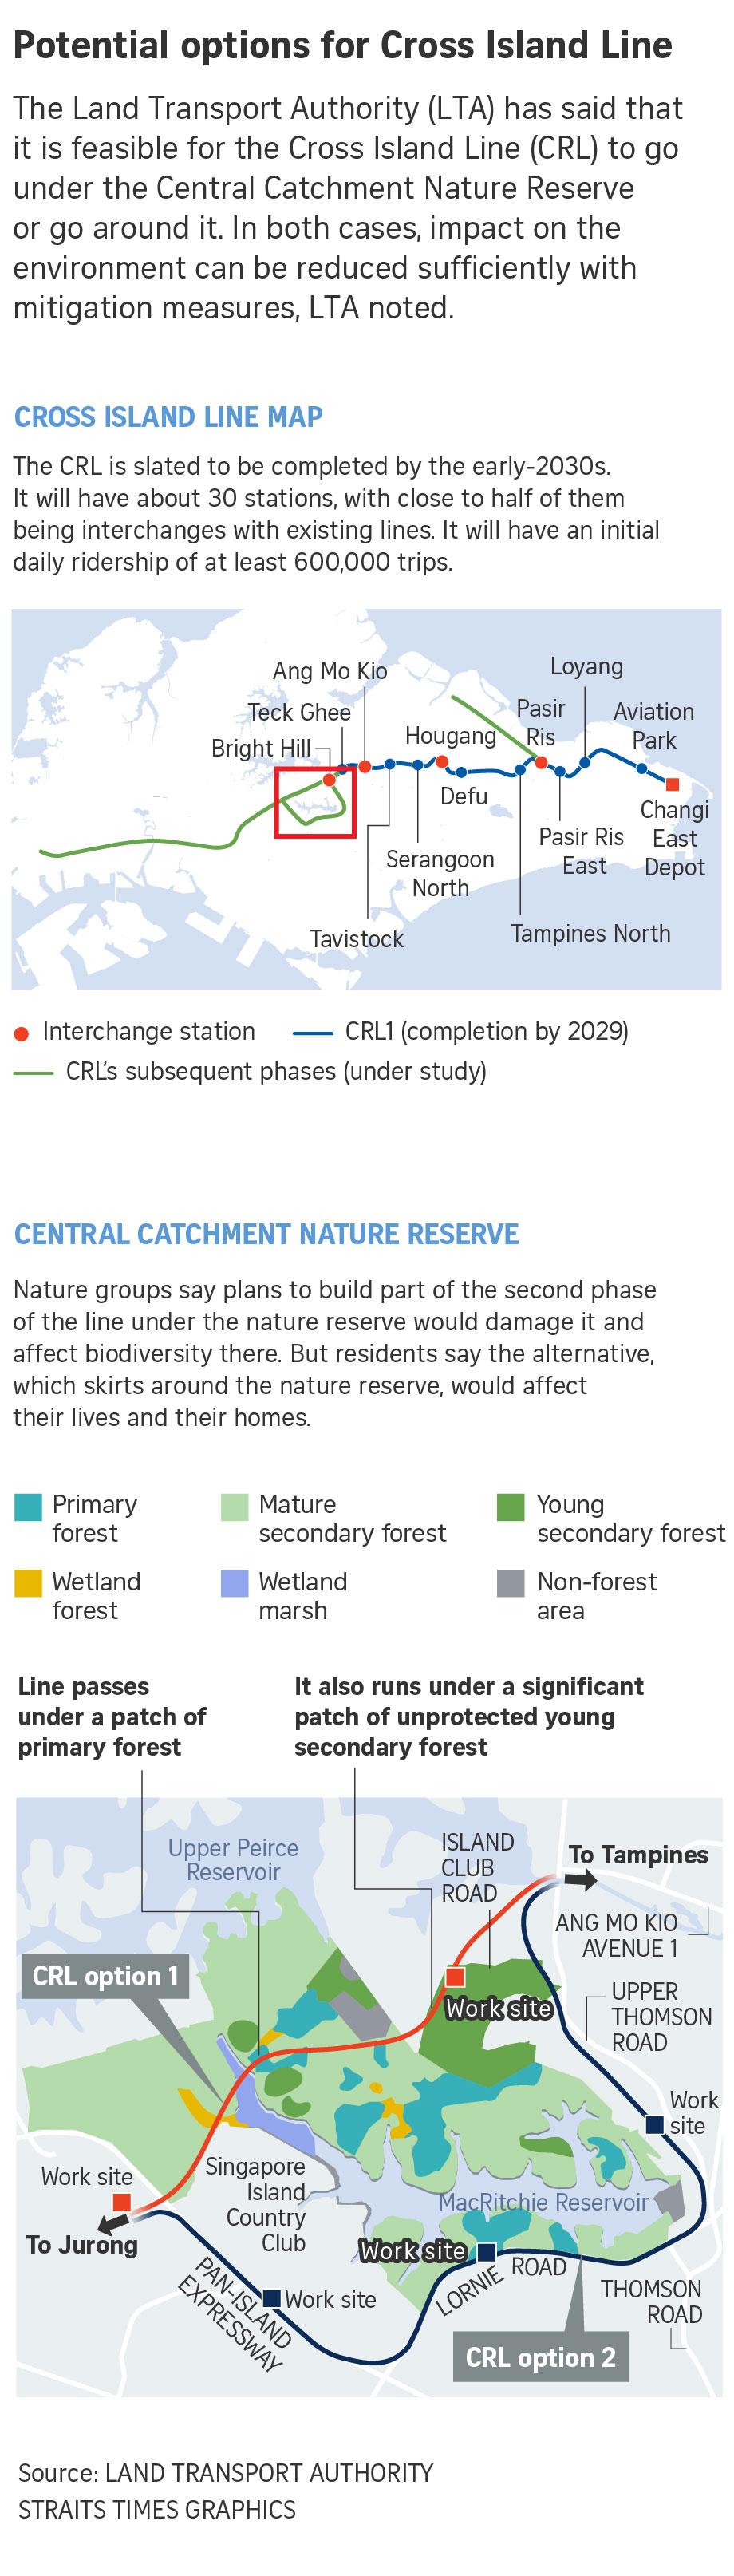 pullman-residences-condo-singapore-news-168009-7